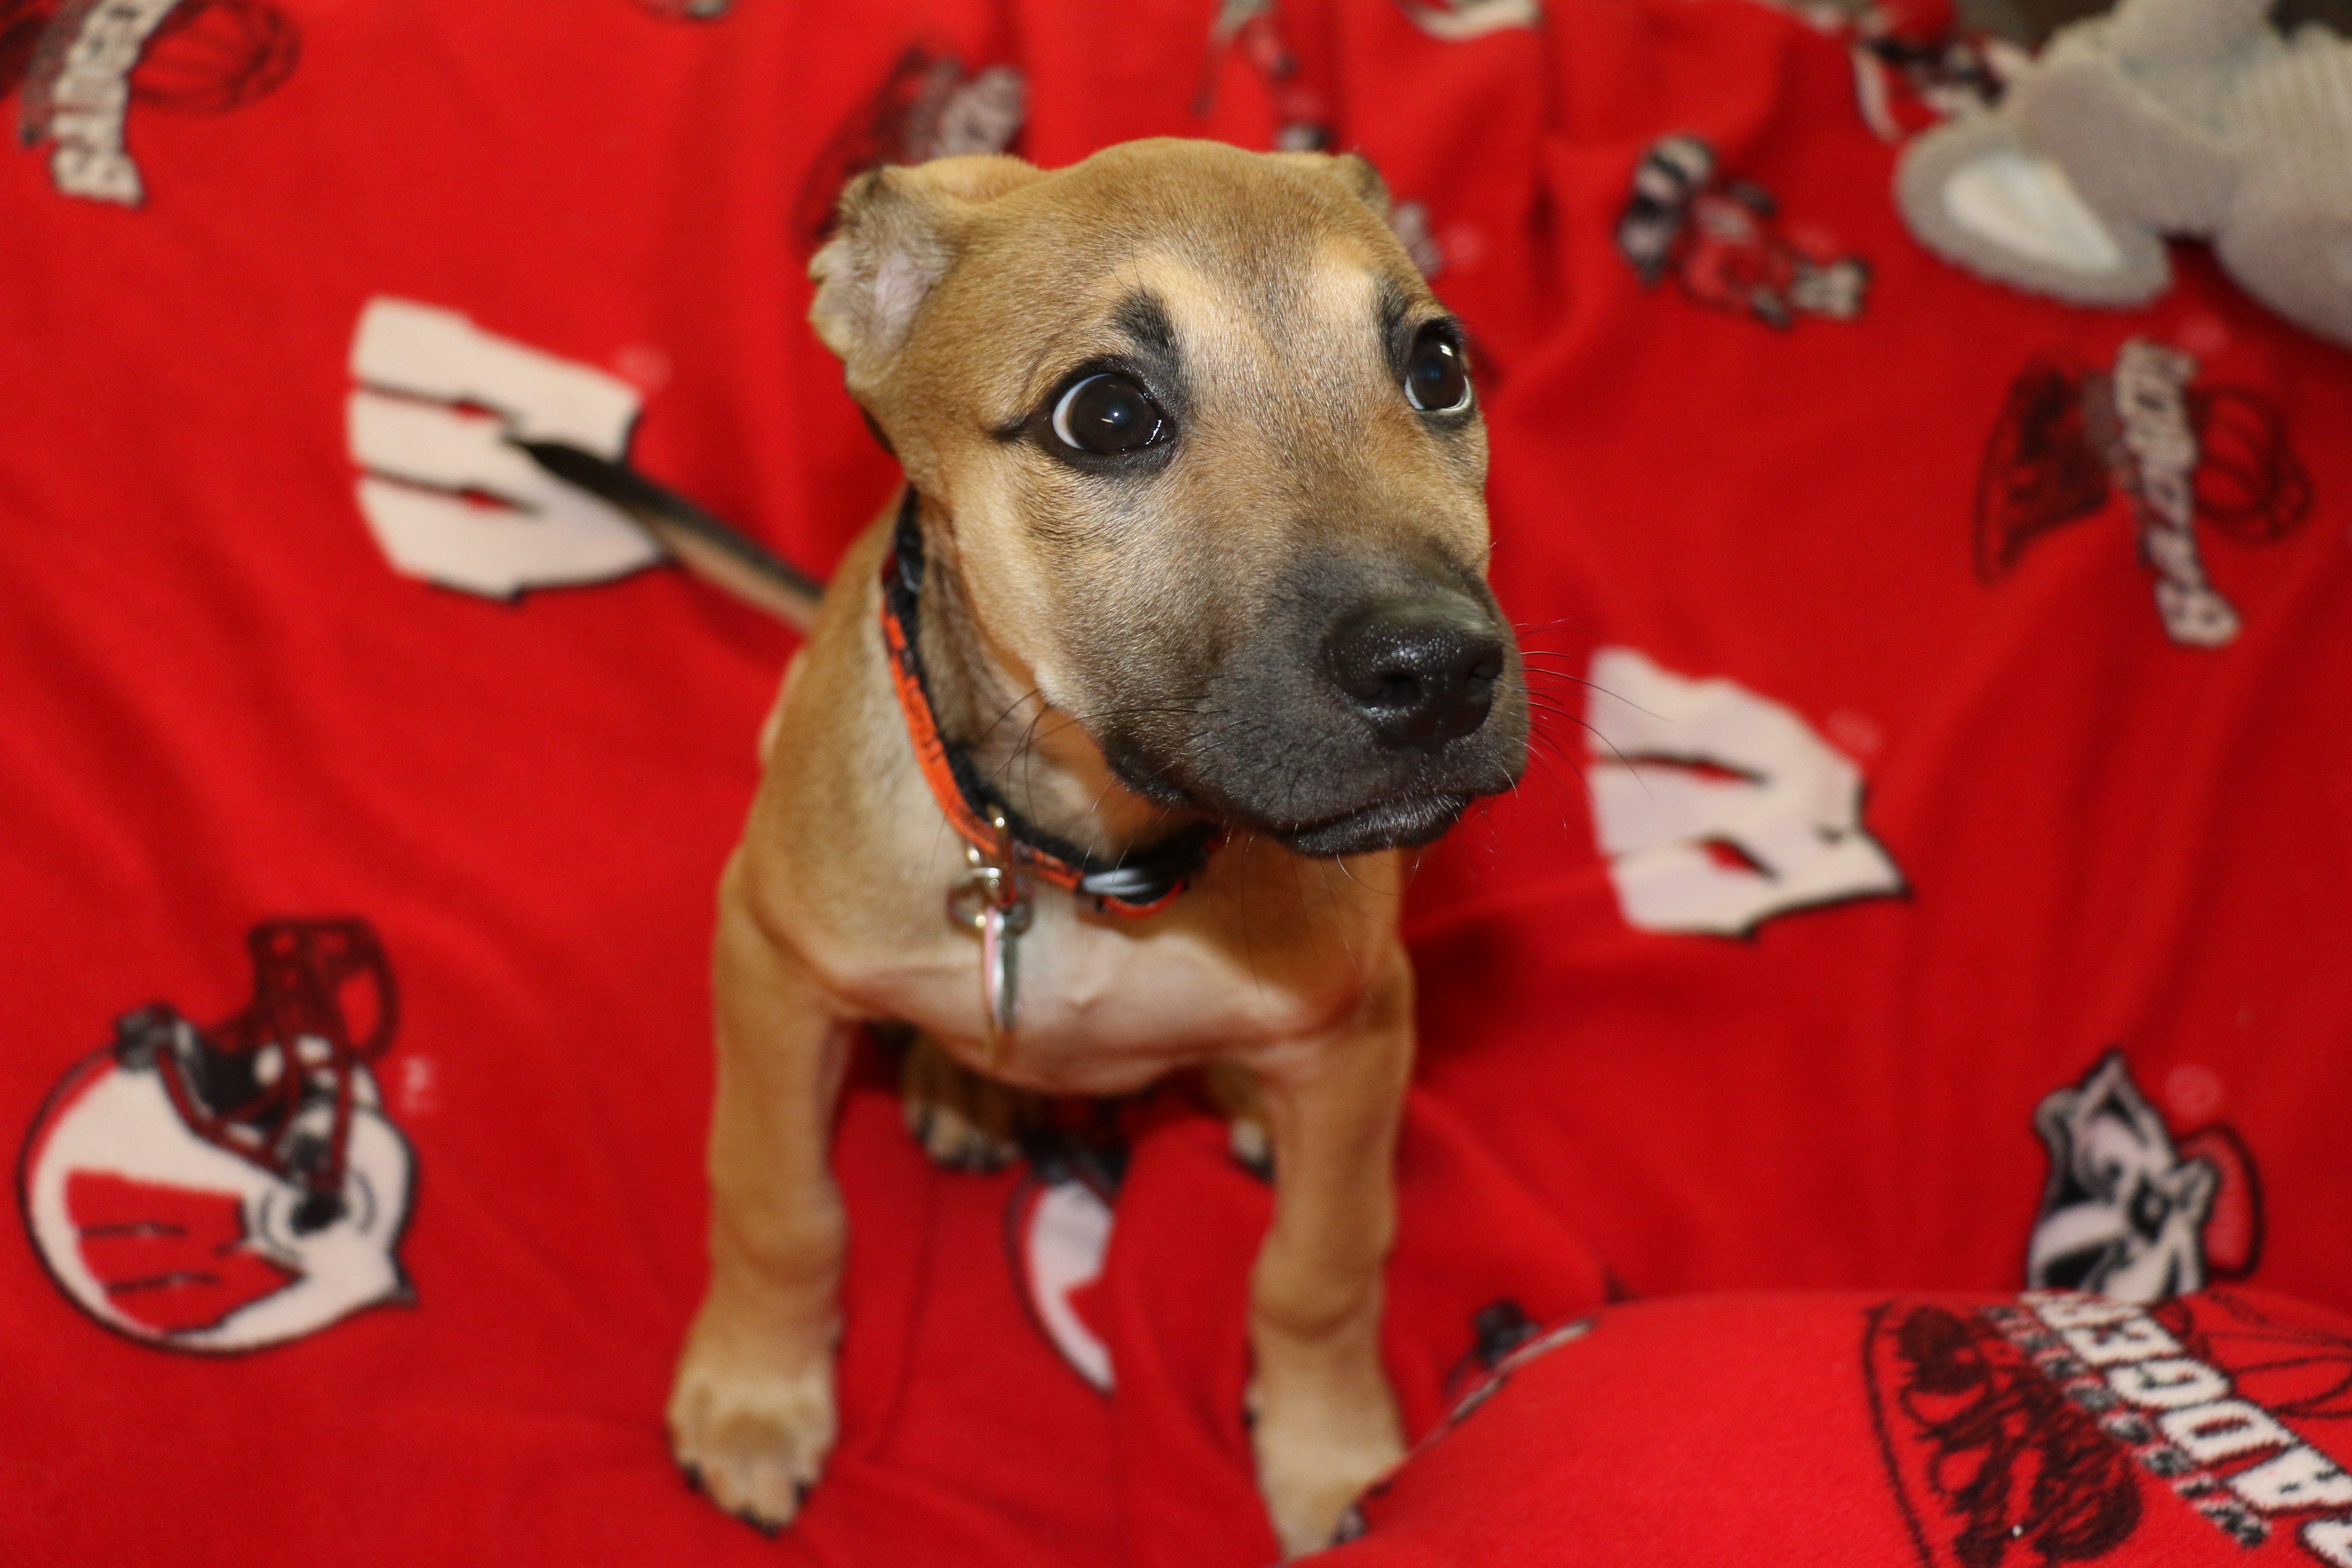 Lab Boxer Mix Puppy Boxador Lab Labrador Boxer Puppy Adoptdontshop Story Of A Rescue Pup Boxer Mix Puppies Puppy Adoption Puppies